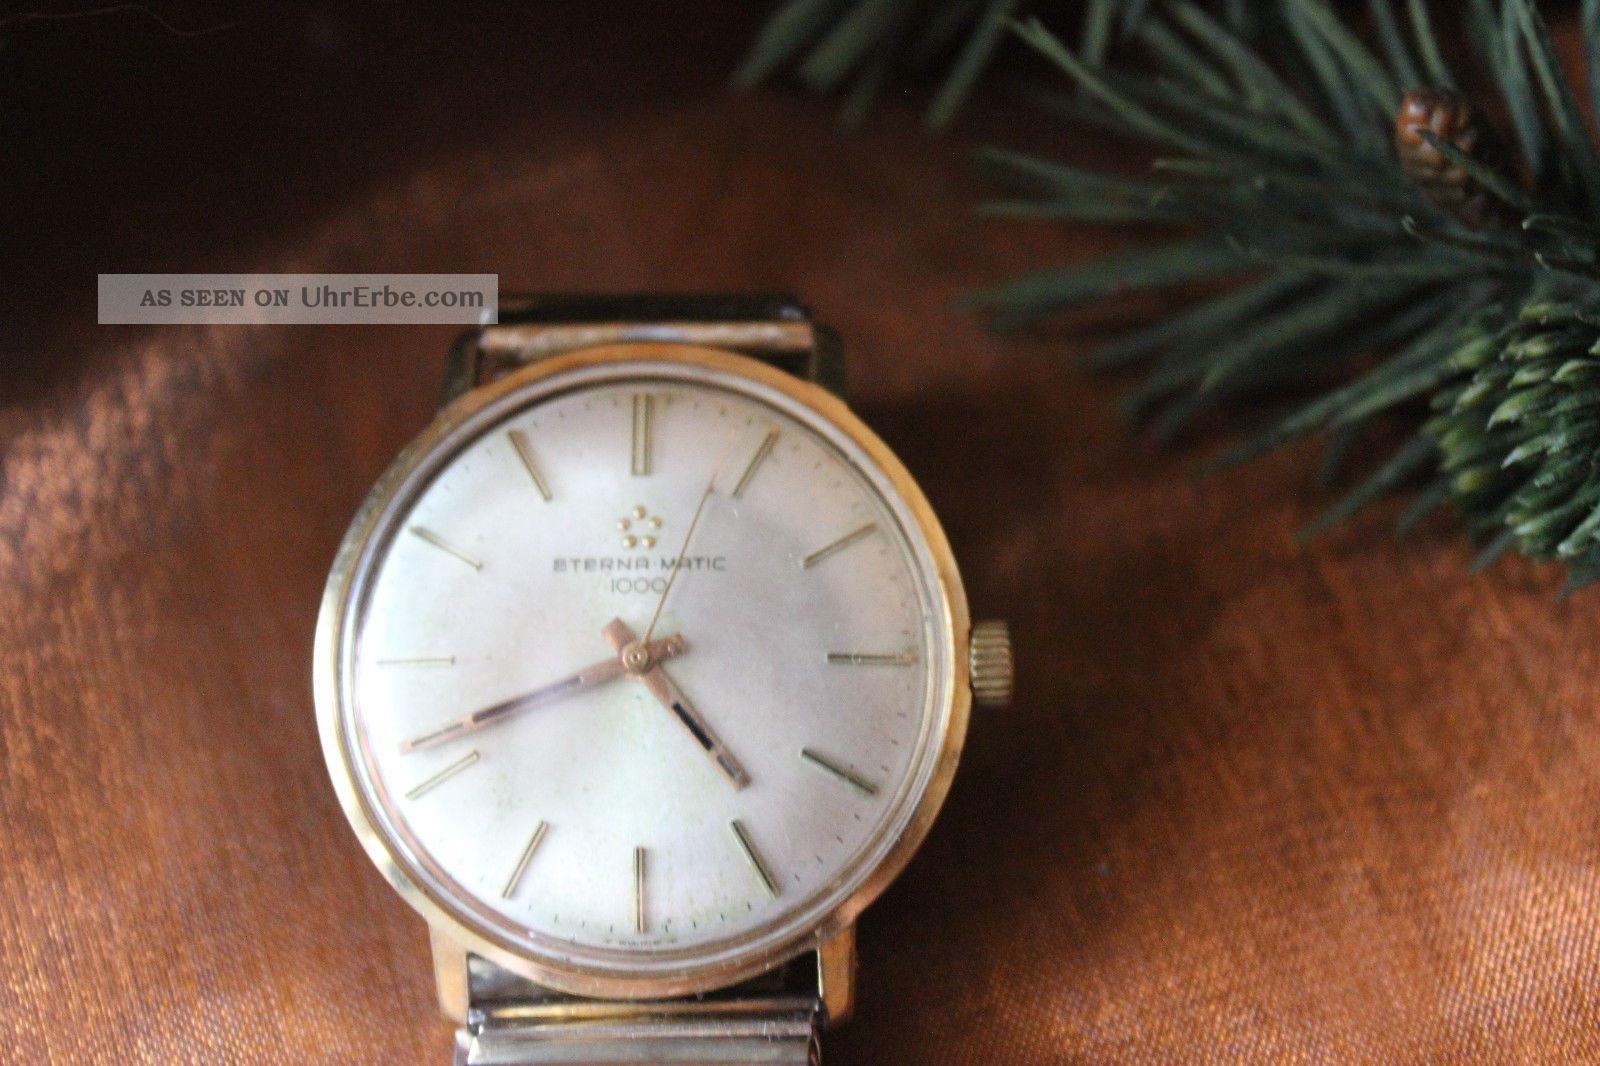 Herren Luxus - Uhr Eterna Matic 1000 Armbanduhr 585/gold Armbanduhren Bild